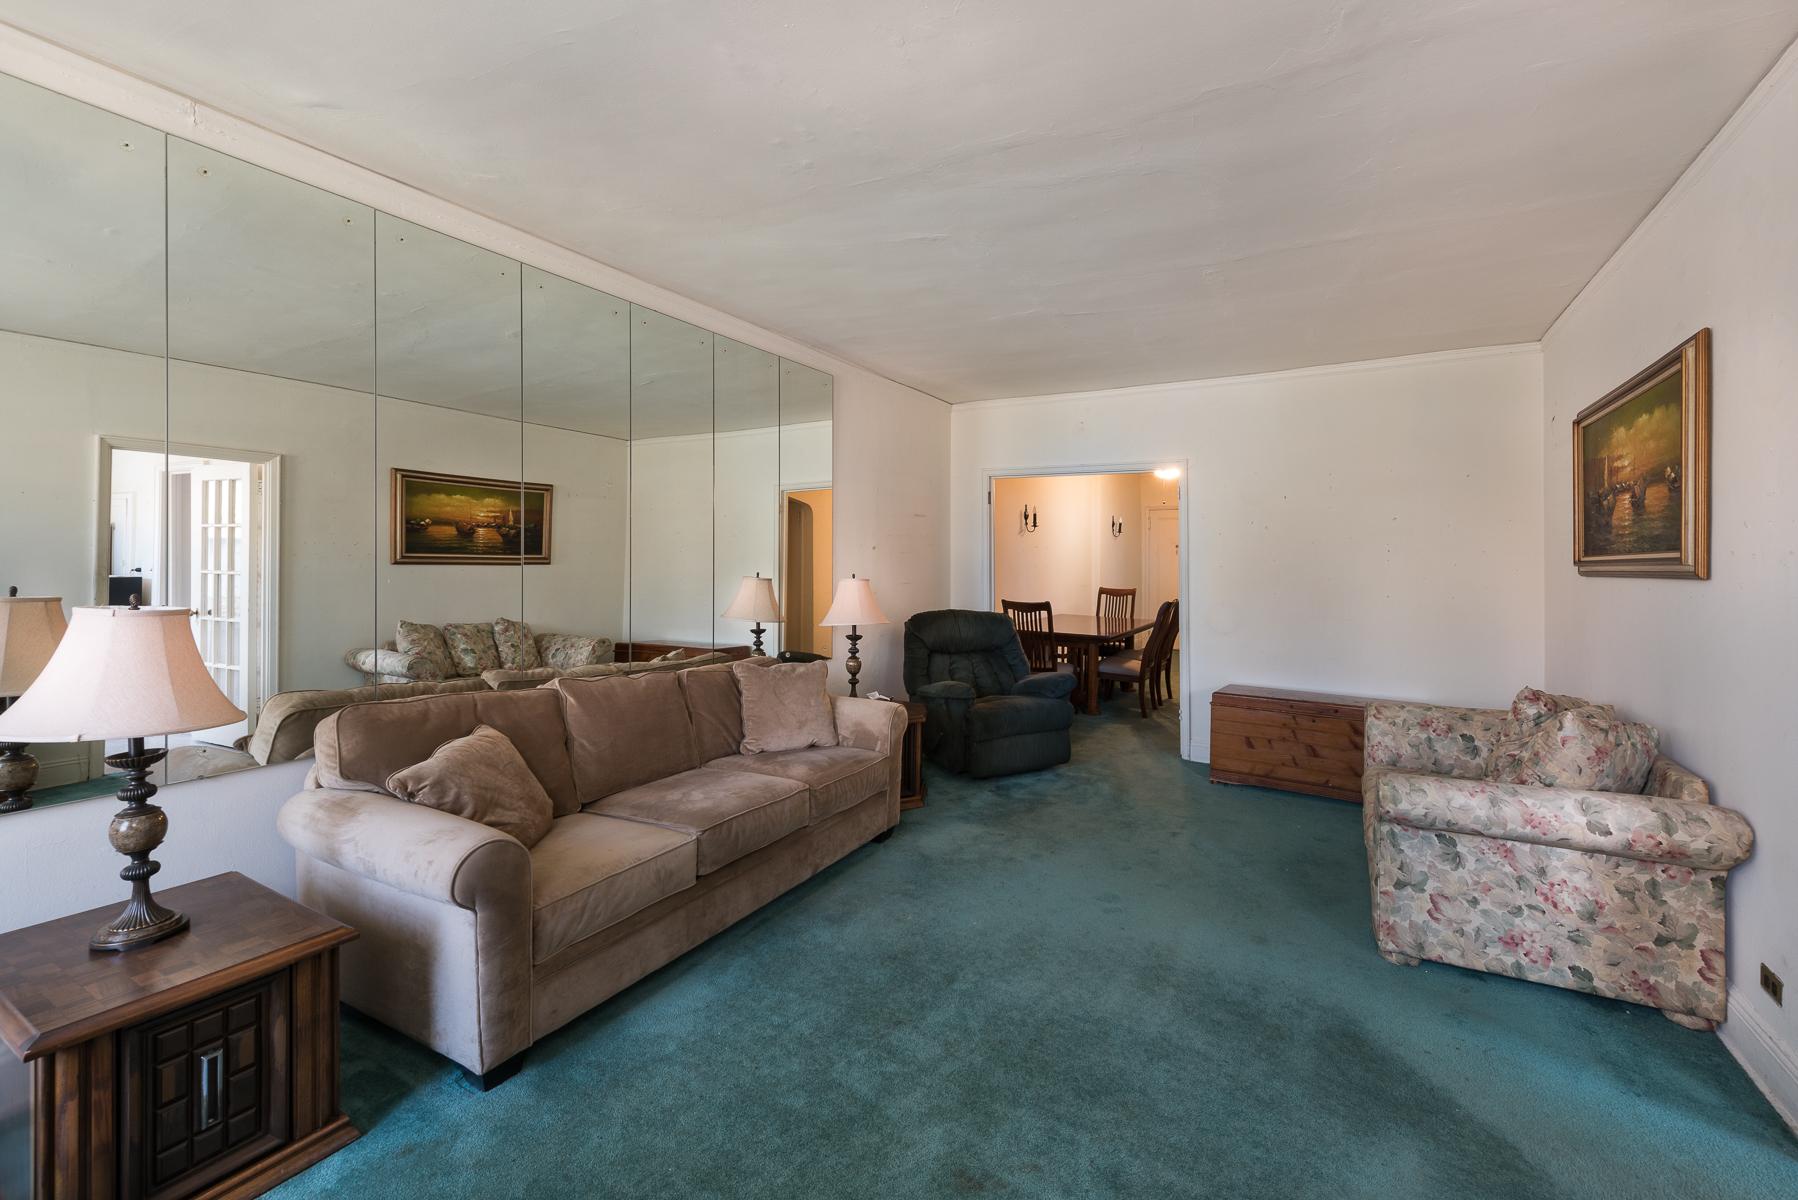 合作公寓 为 销售 在 Spacious and Sun-filled Corner 2 BR 3875 Waldo Avenue 3A Riverdale, 纽约州 10463 美国